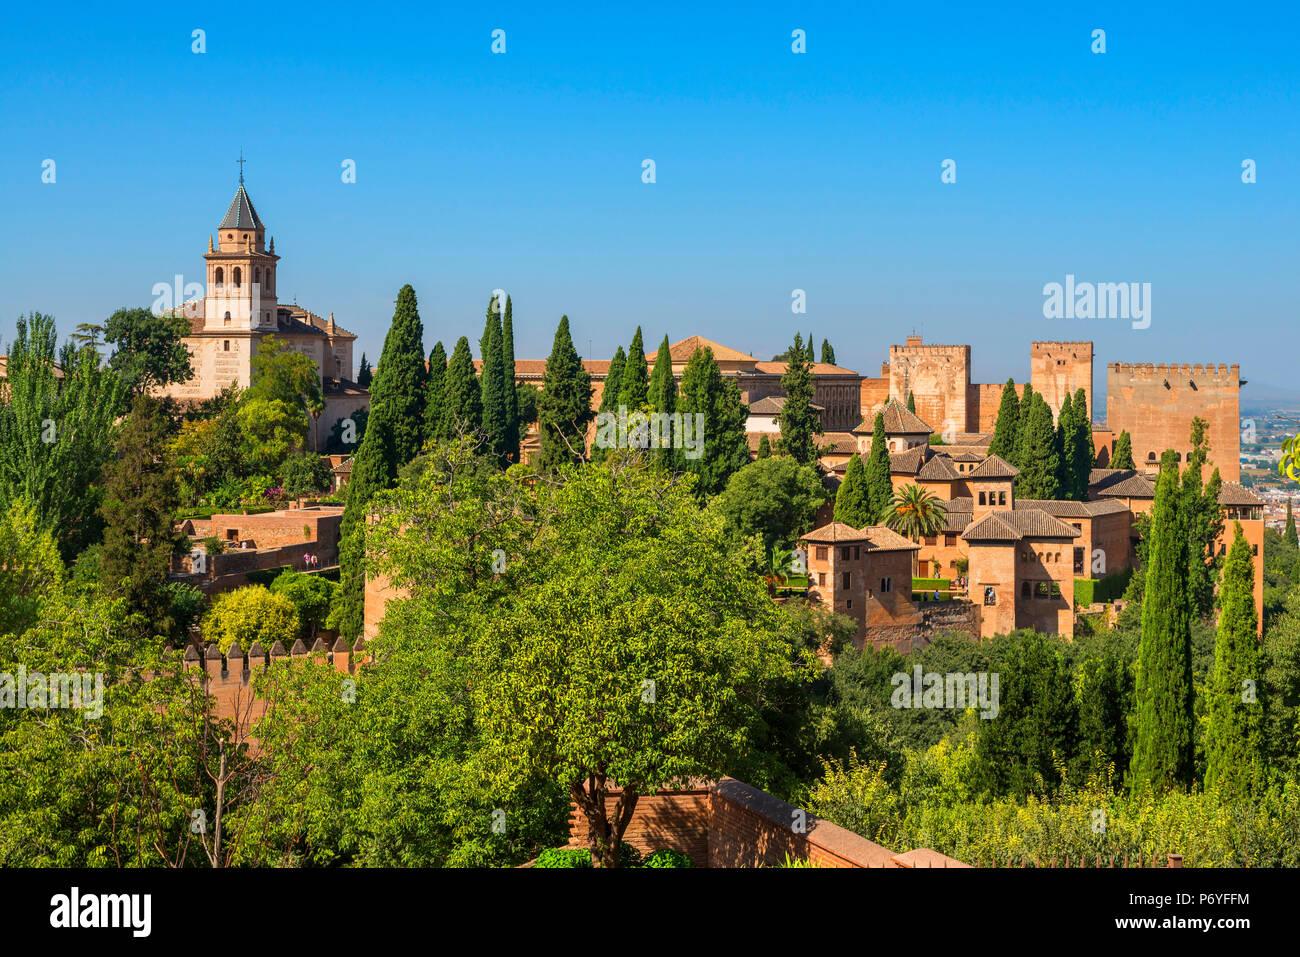 Alhambra desde los jardines del Generalife, declarado Patrimonio de la Humanidad por la UNESCO, Granada, Andalucía, España Imagen De Stock